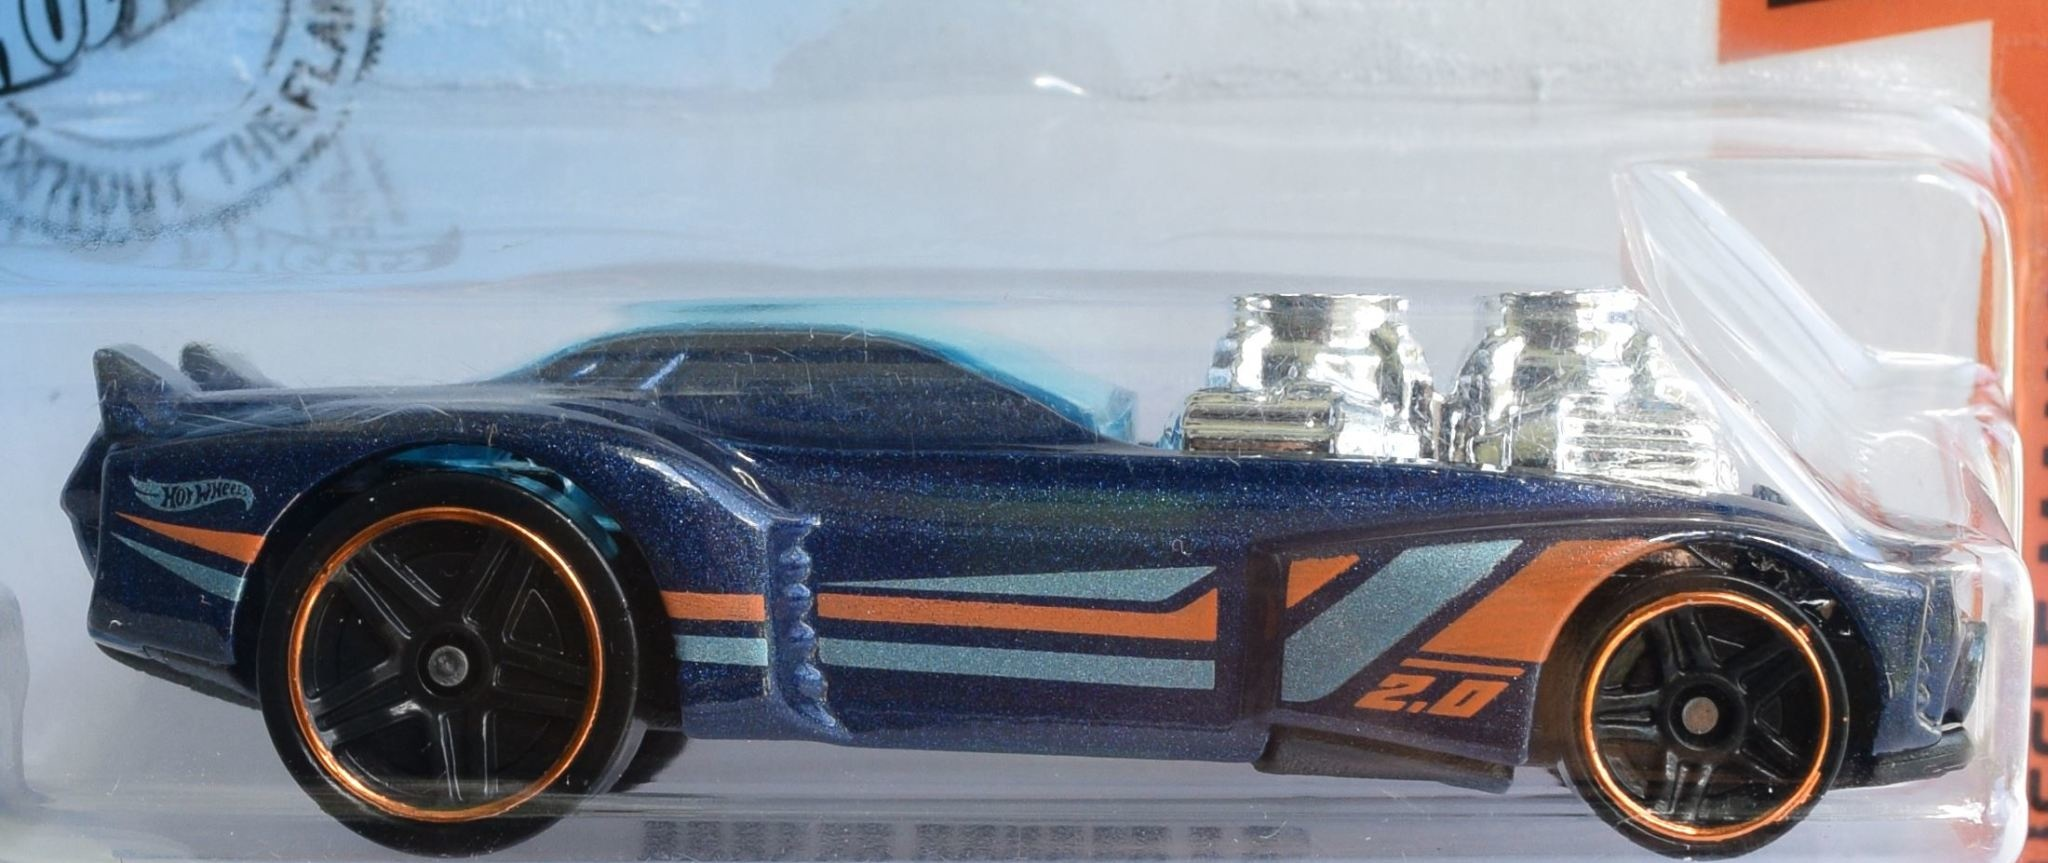 Hot Wheels 193/250  Rodger Dodger 2.0